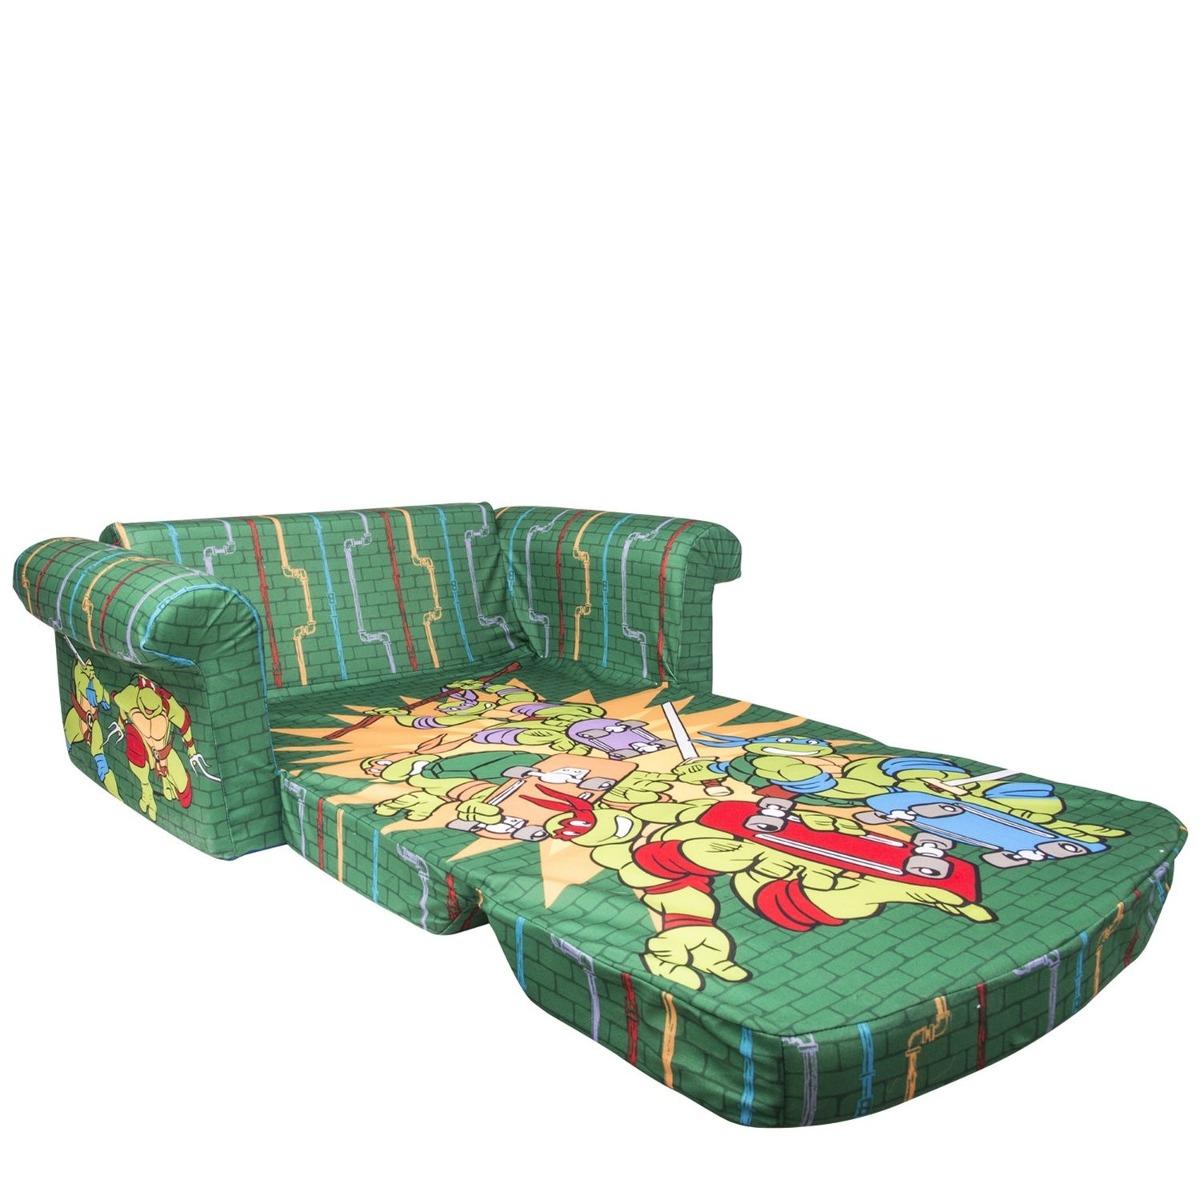 Sofacama sillon para ninos paw patrol tortugas ninja hello for Sillon cama para ninos